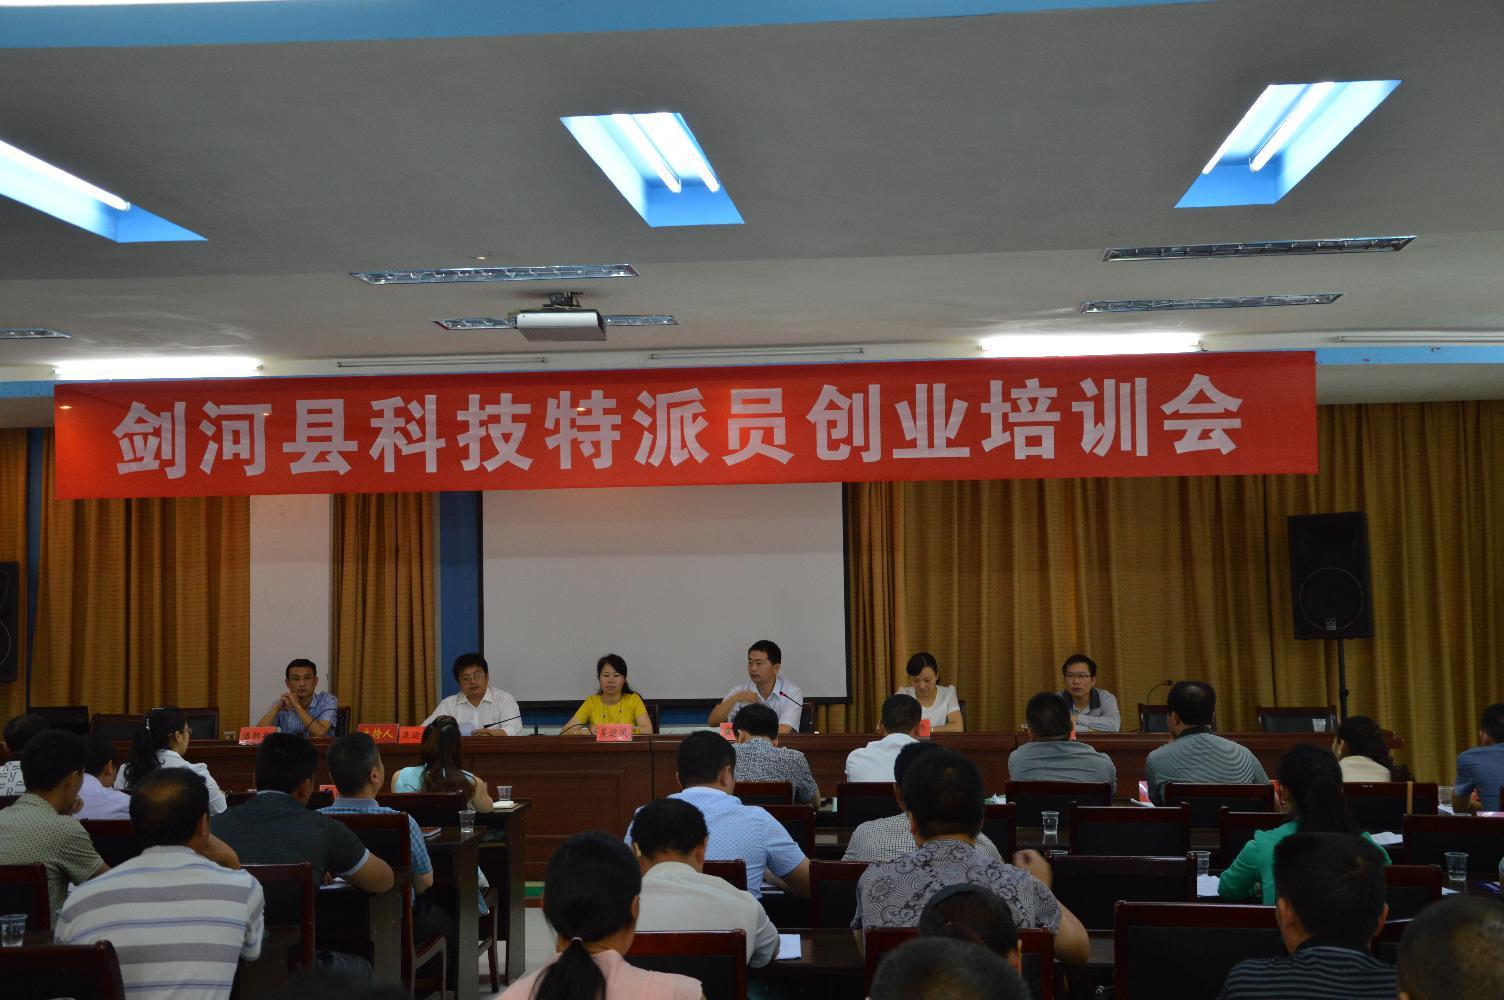 剑河县召开科技特派员创业培训会